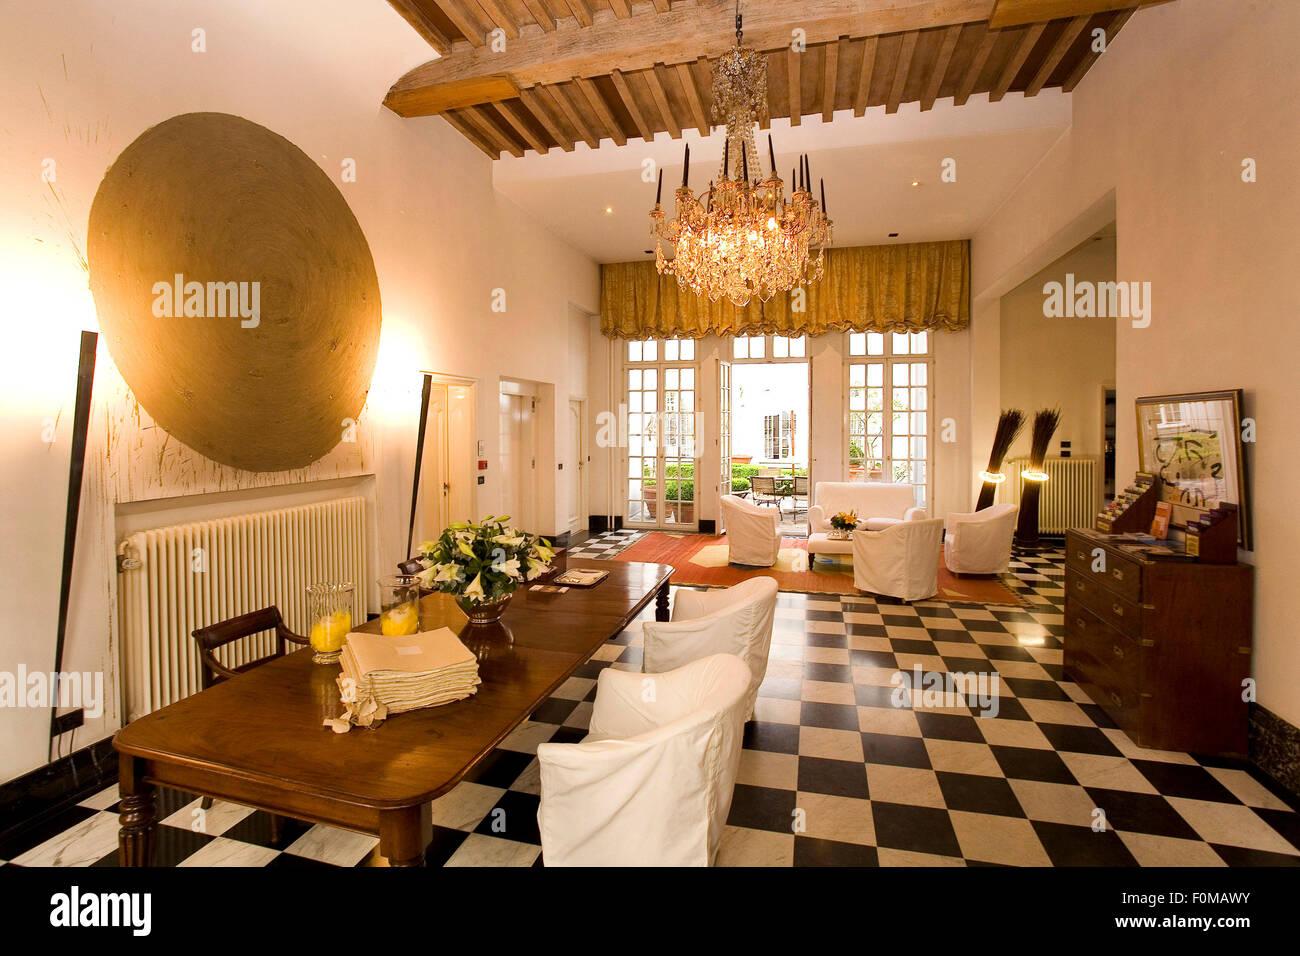 Intérieur De Maison Stockfotos & Intérieur De Maison Bilder - Alamy